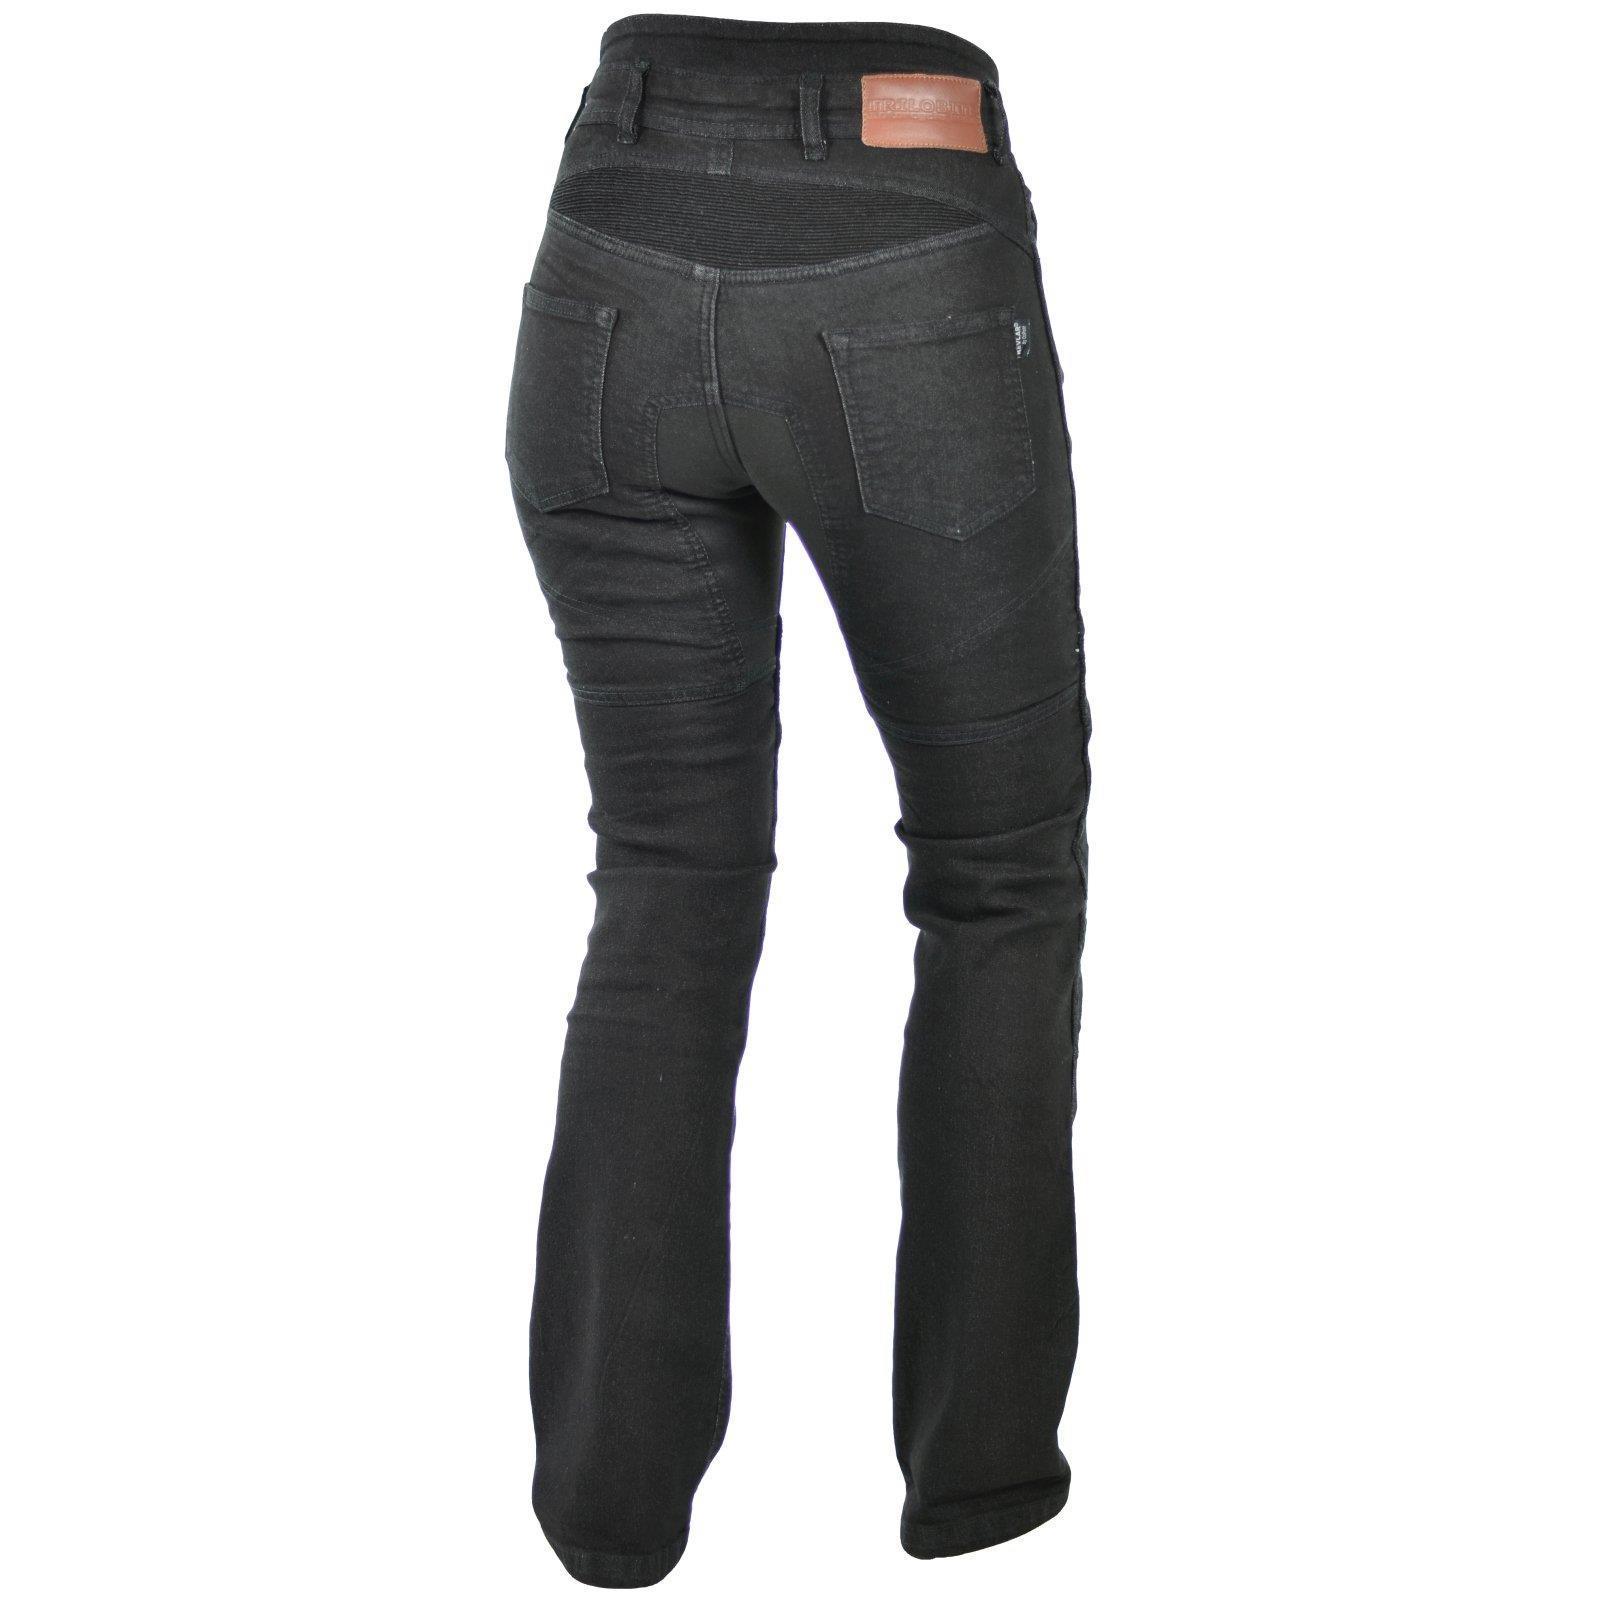 Trilobite-paradoxale-veste-pantalon-protecteur-incl-d-039-aramide-Moto-Jeans-Hommes-Femmes miniature 43